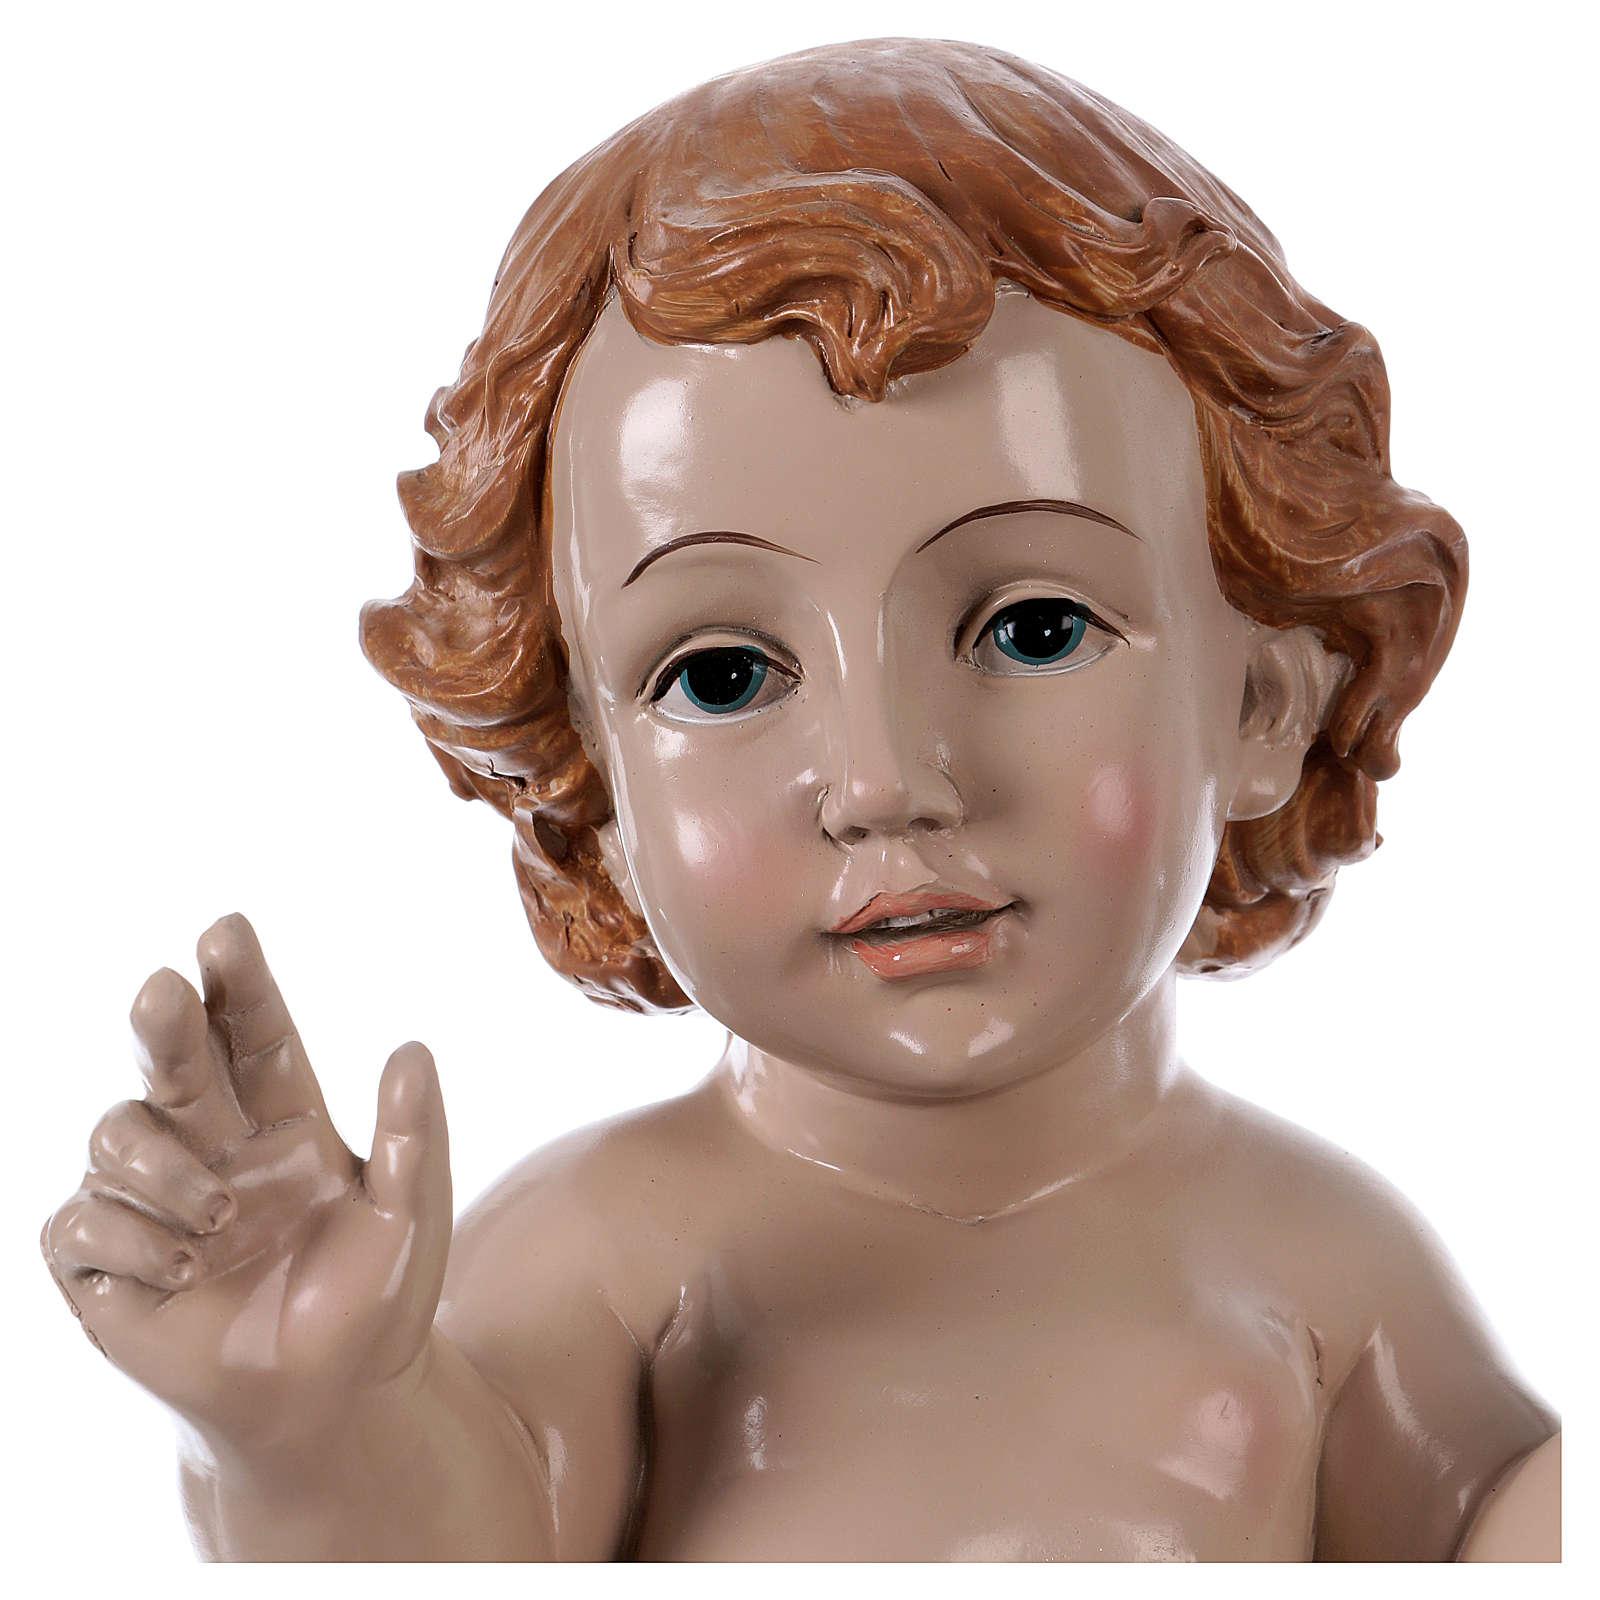 Enfant Jésus h réelle 30 cm résine 3